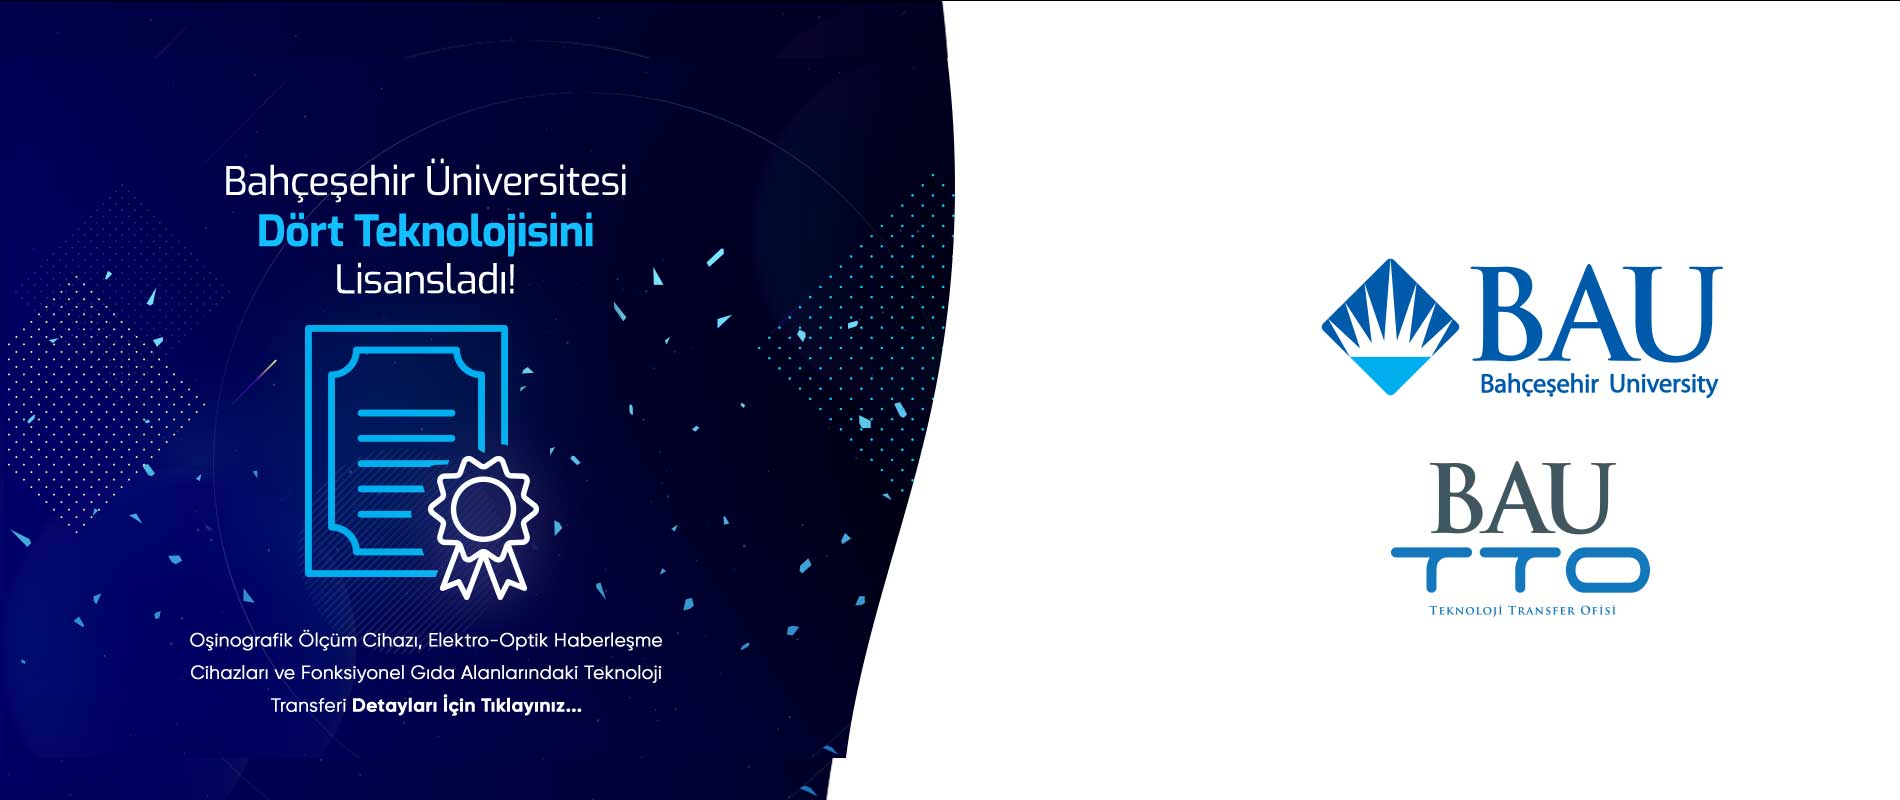 Bahçeşehir Üniversitesi 4 Teknolojisini Lisansladı